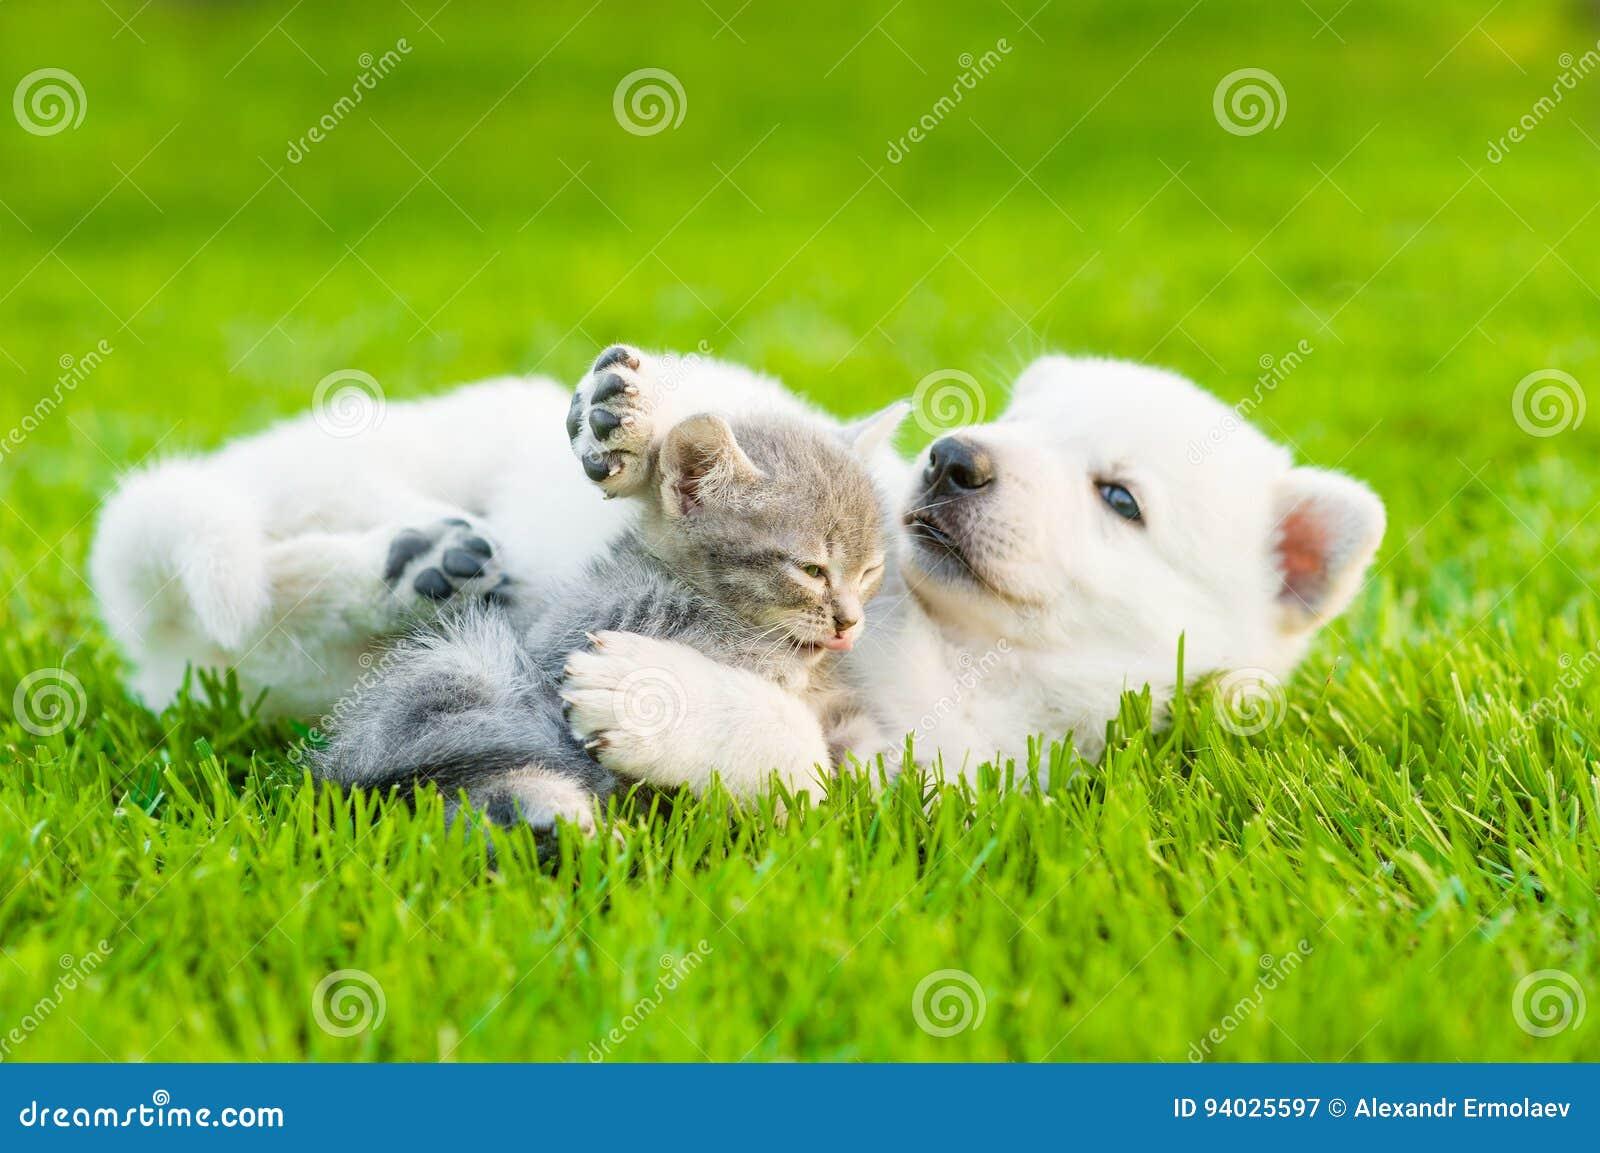 chiot suisse blanc du s de berger jouant avec le chaton minuscule sur l 39 herbe verte image. Black Bedroom Furniture Sets. Home Design Ideas